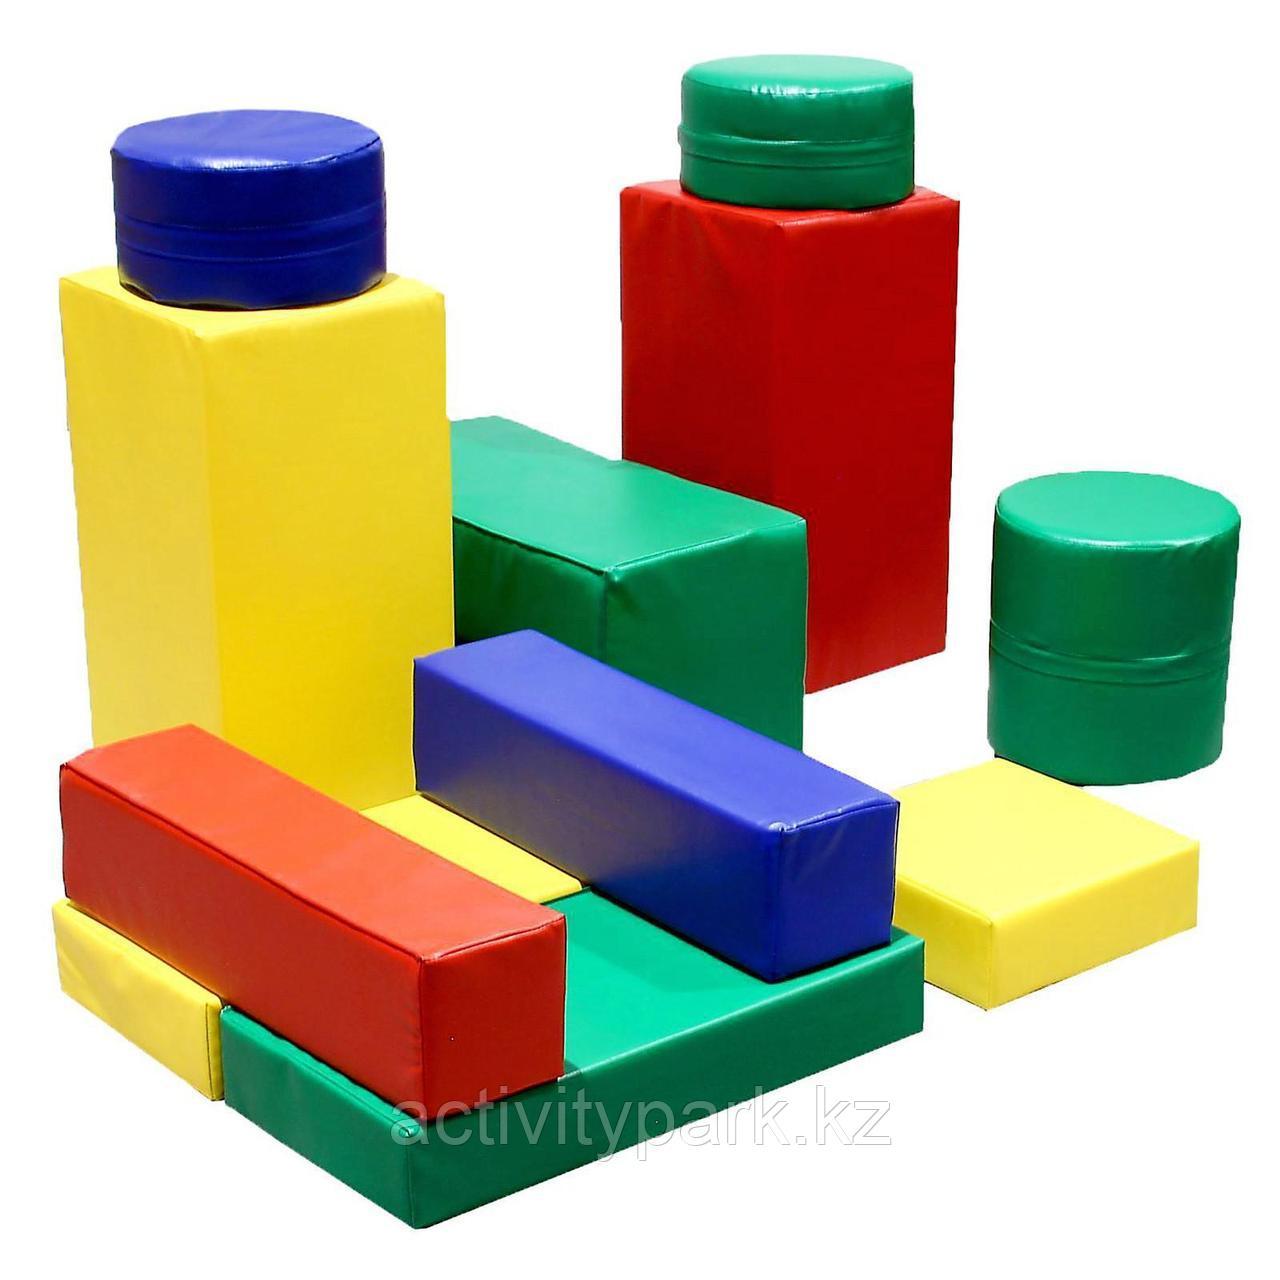 Мягкий конструктор 11 элементов